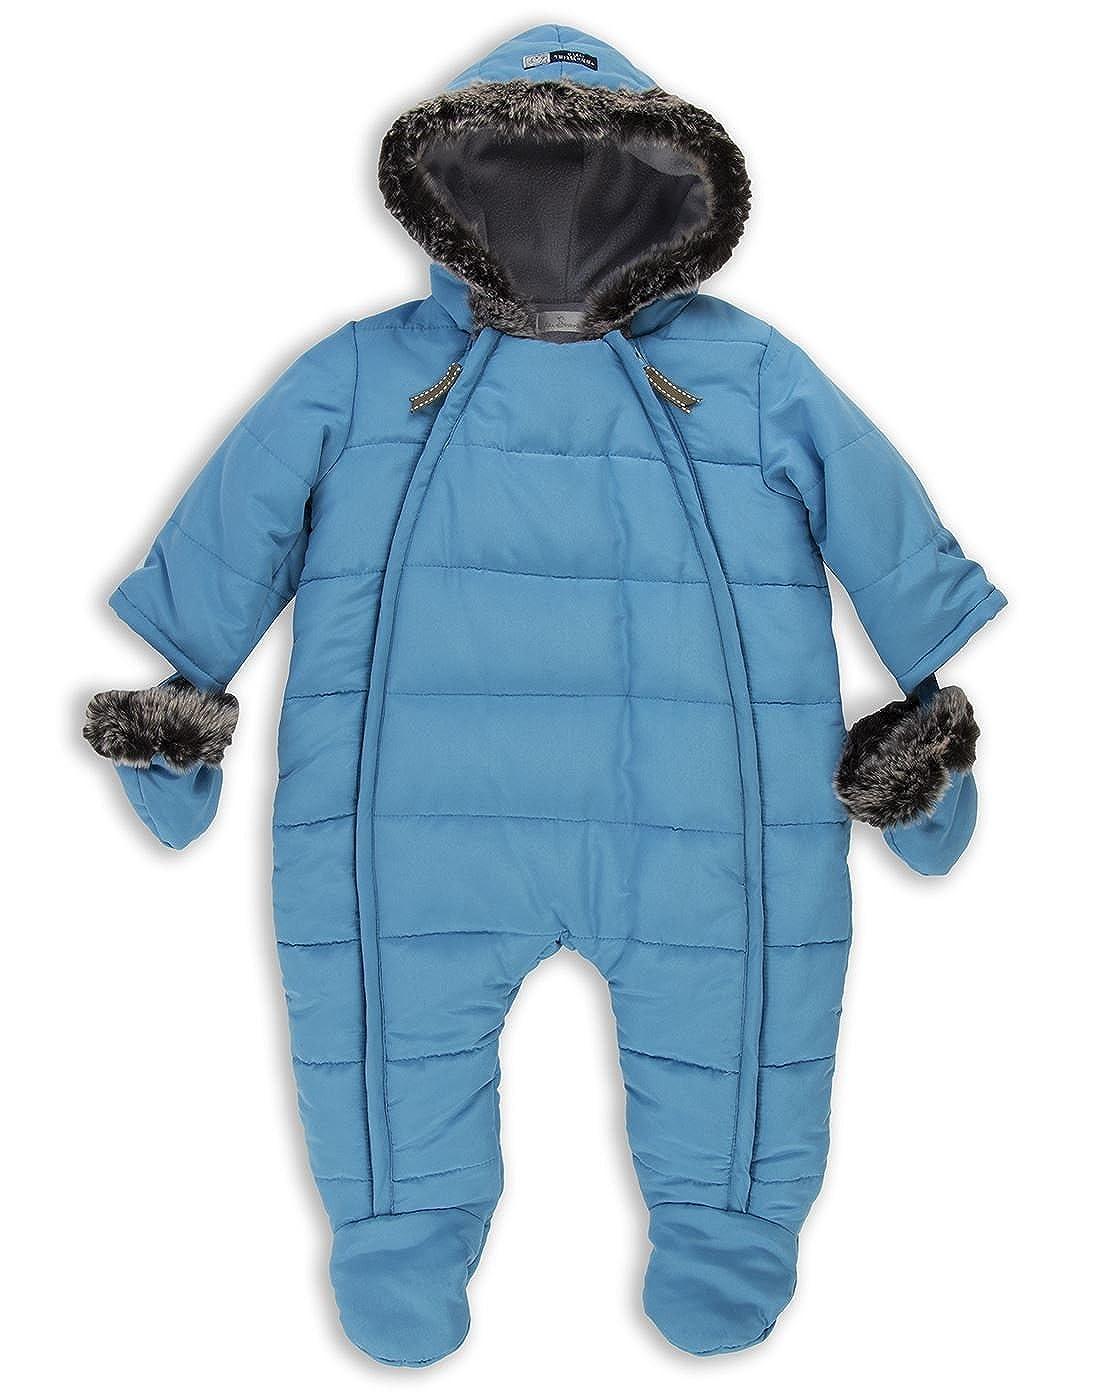 The Essential One - Baby Boys Fur Trimmed Snowsuit Pramsuit/Snowsuit - Blue - EO244